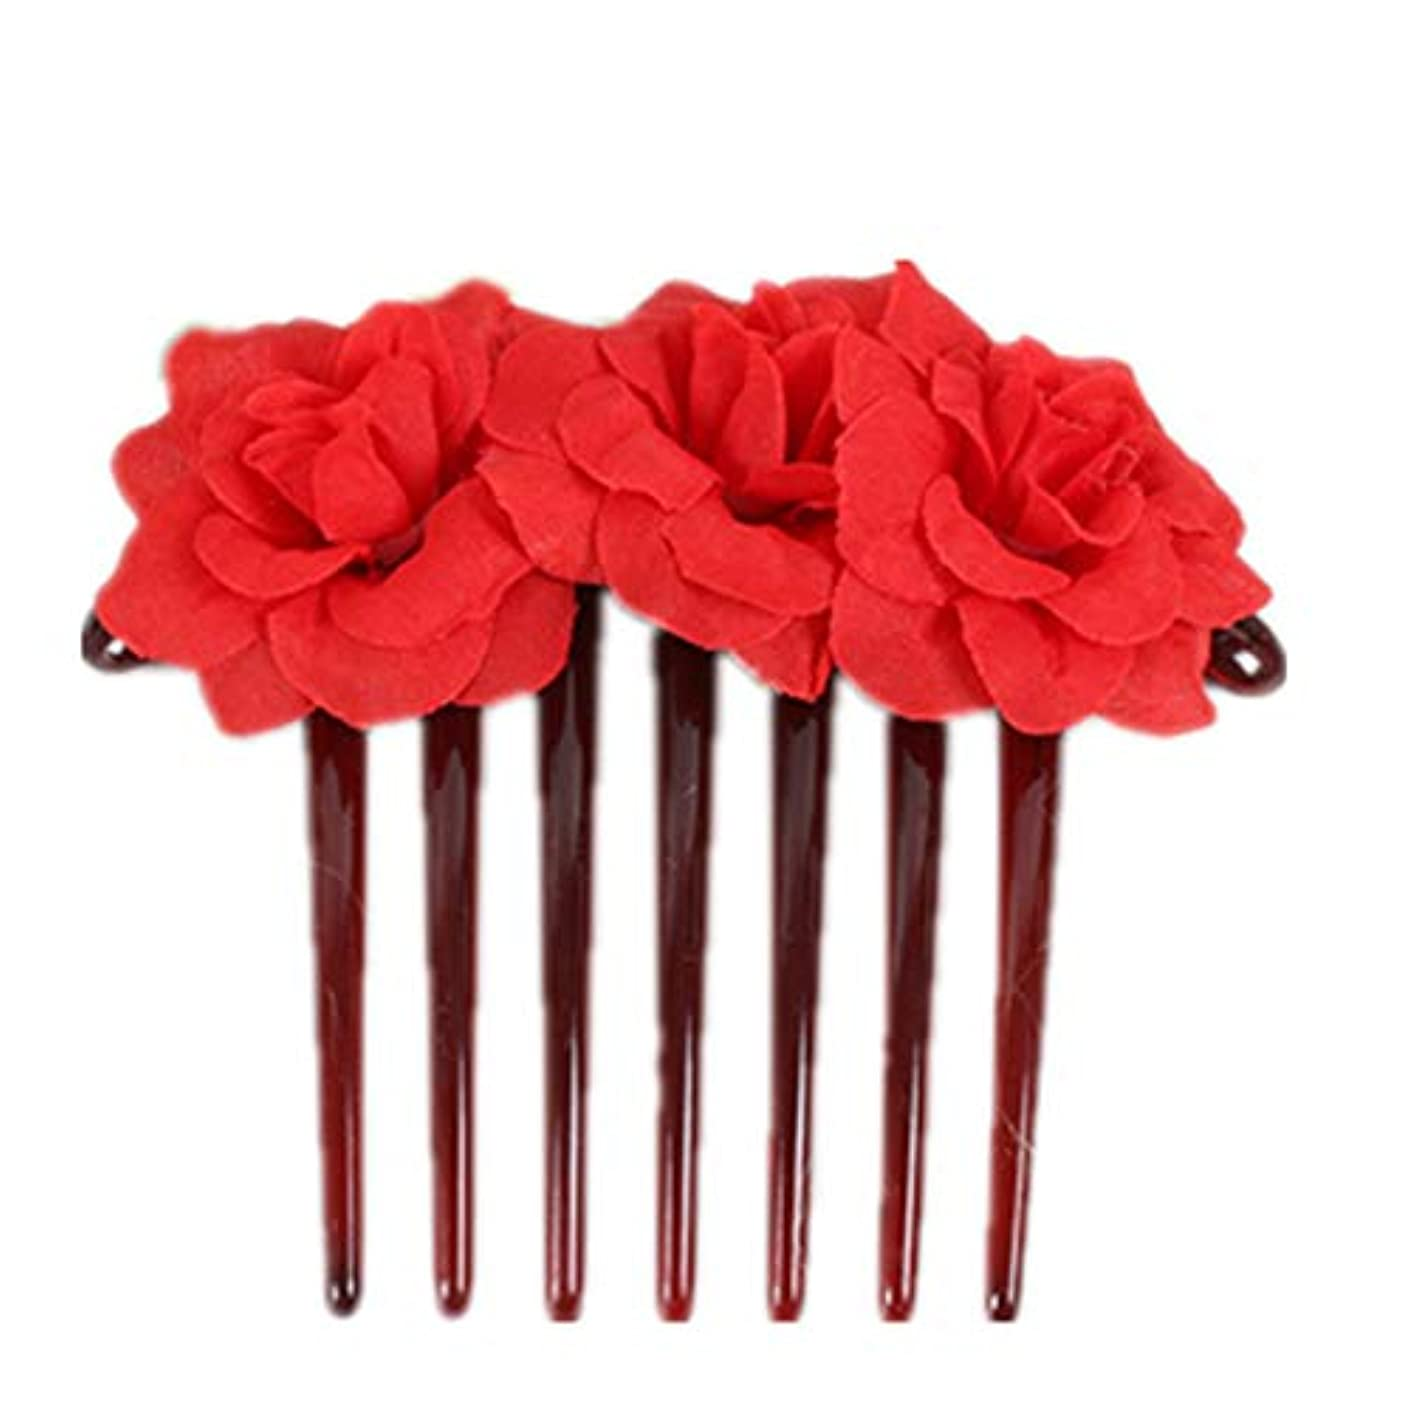 みがきます競合他社選手殺す1st market プレミアム品質シミュレーション花花嫁の髪櫛頭飾りヘアピンクリップ櫛スタイリングアクセサリー、赤